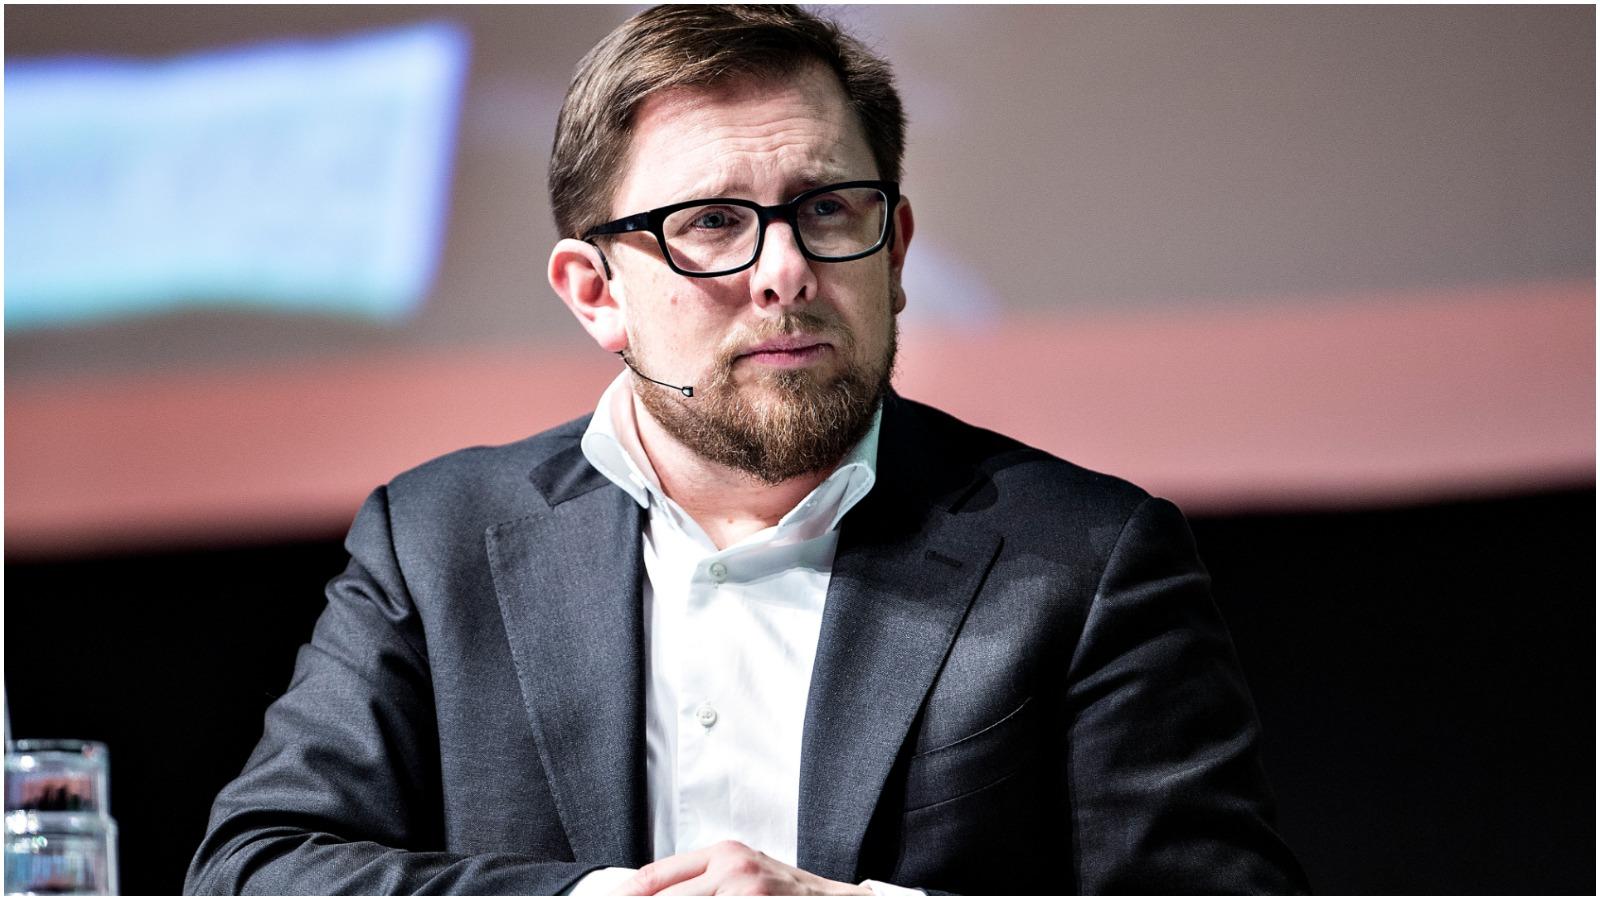 RÆSON: Hvilken af de politikere, der har forladt dansk politik siden 2000, ville du helst have tilbage? Simon Emil Ammitzbøll-Bille: Bjarne Corydon / Ugen i politik